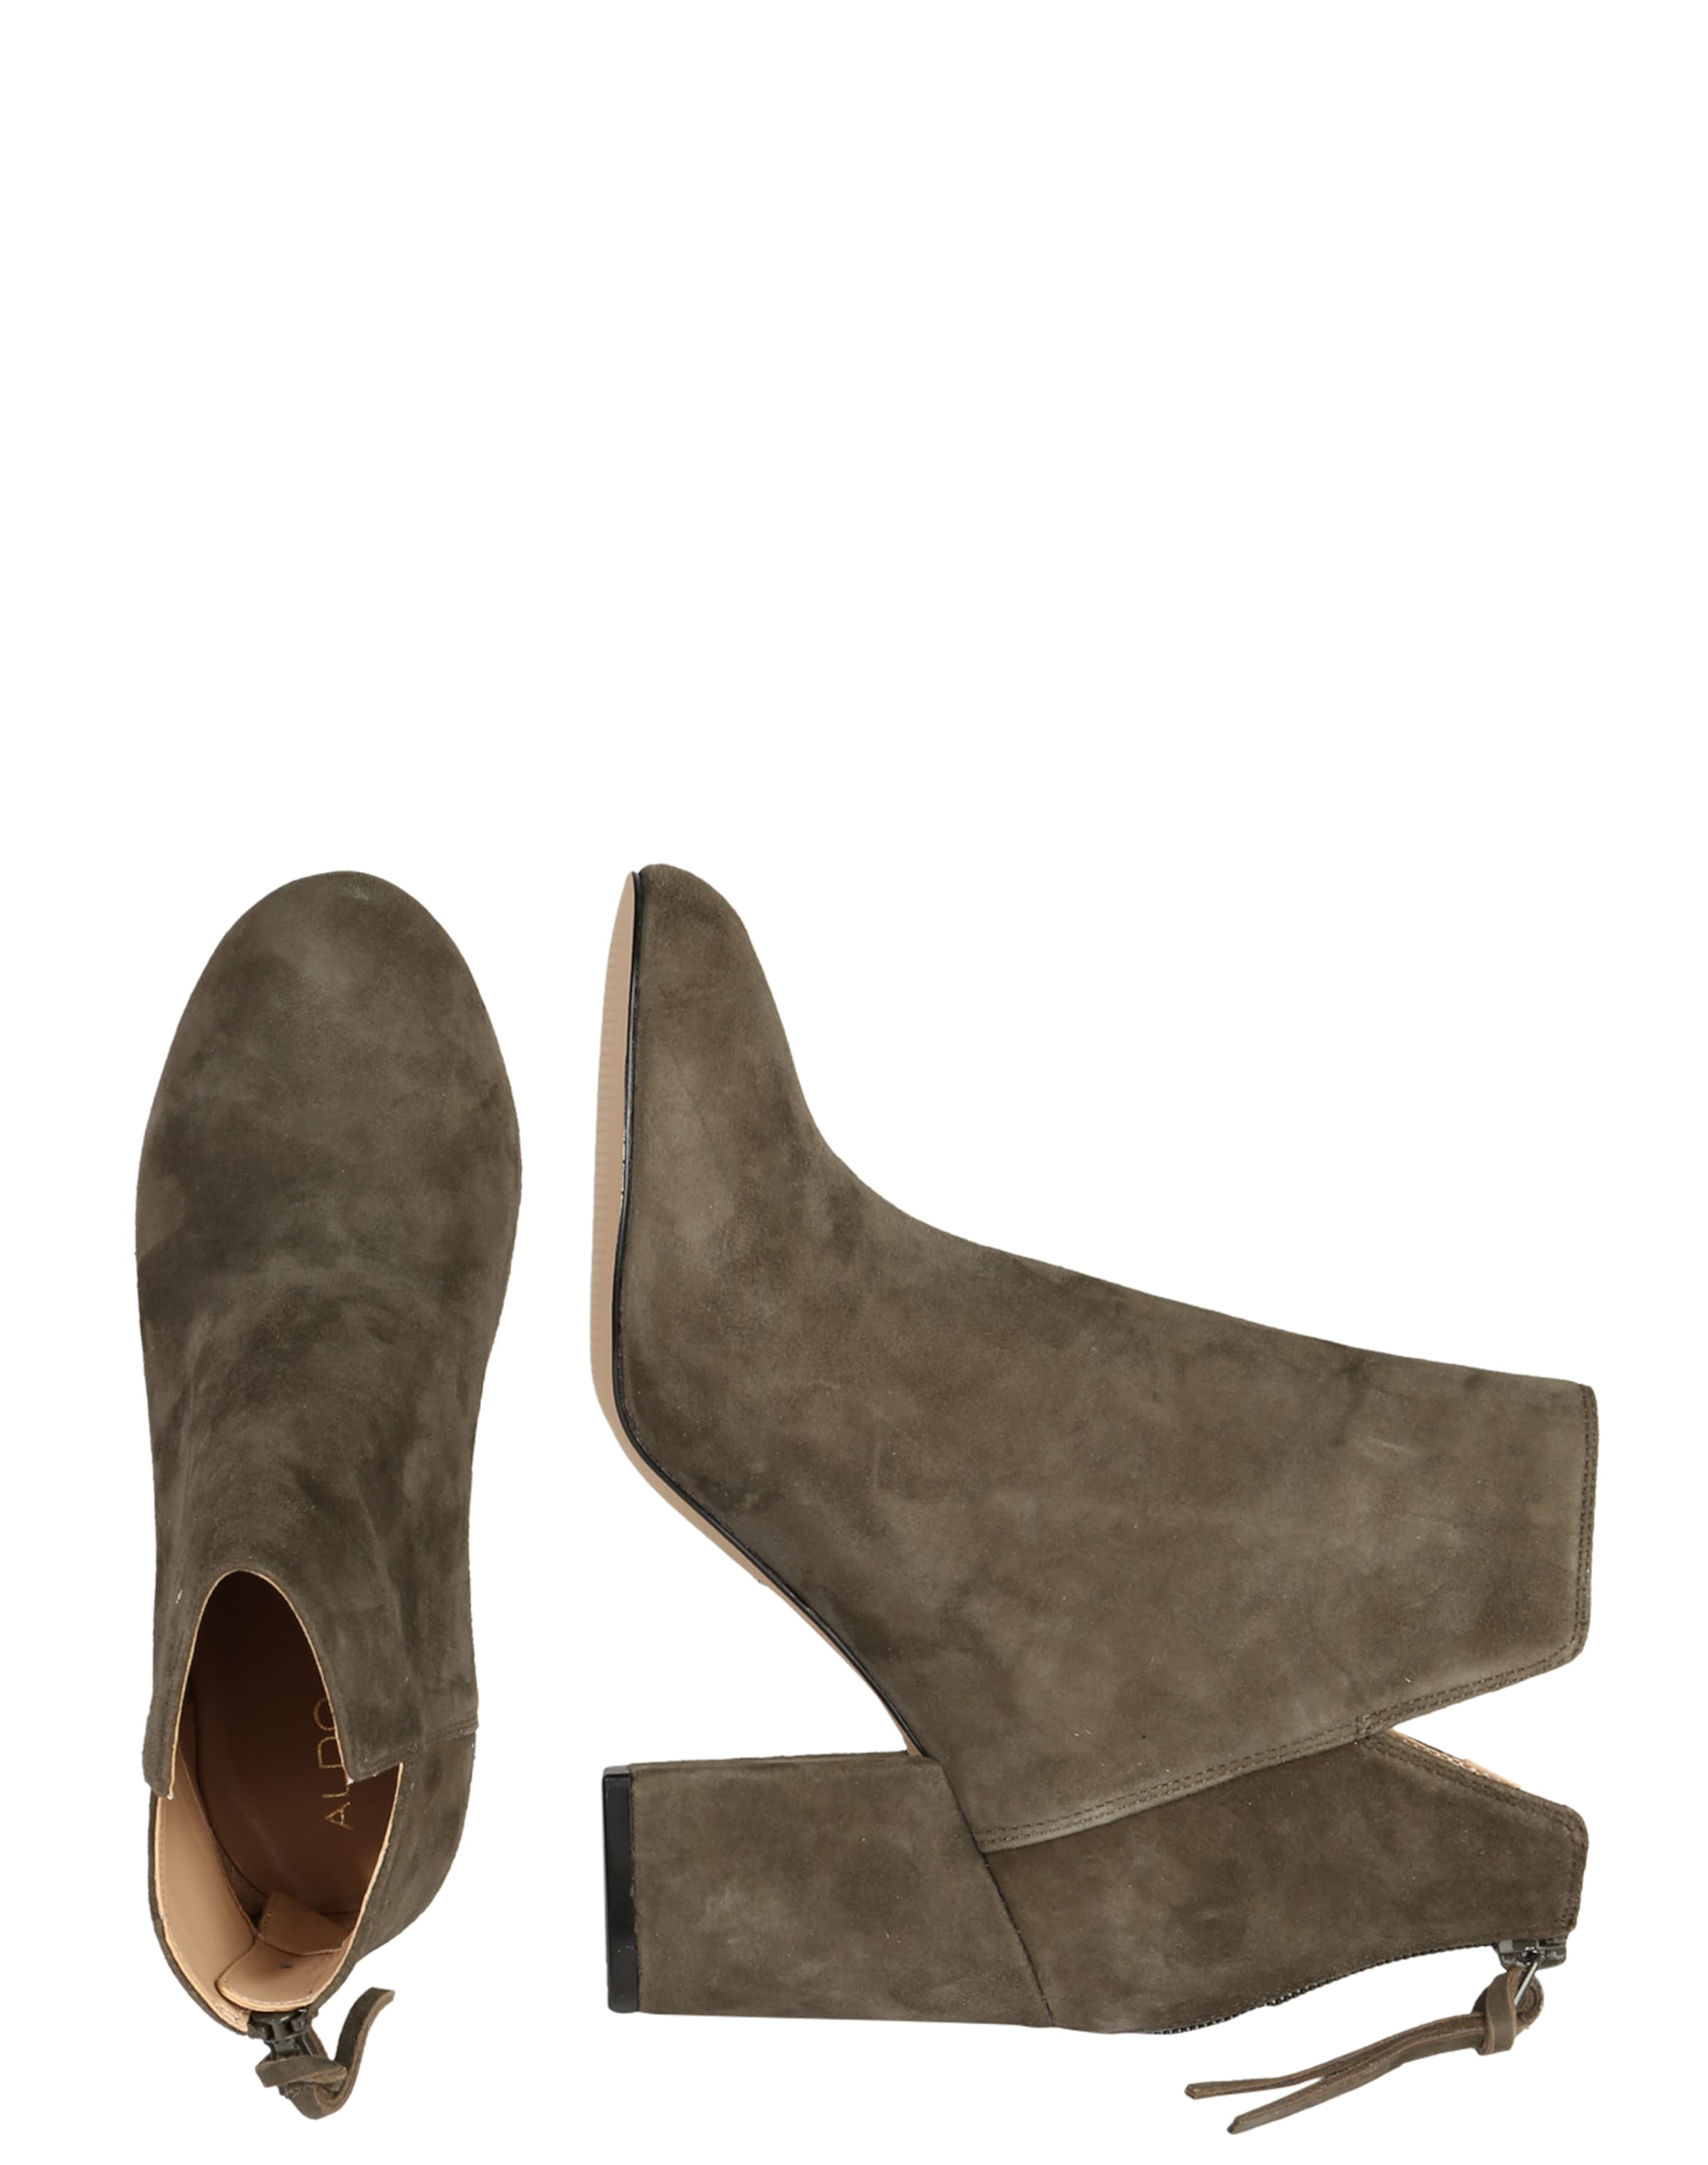 ALDO Ankle Boots 'Dominicaa' Billig Exklusiv Countdown-Paket Zum Verkauf Verkauf Günstig Online Spielraum Neue Ankunft aUXIK7